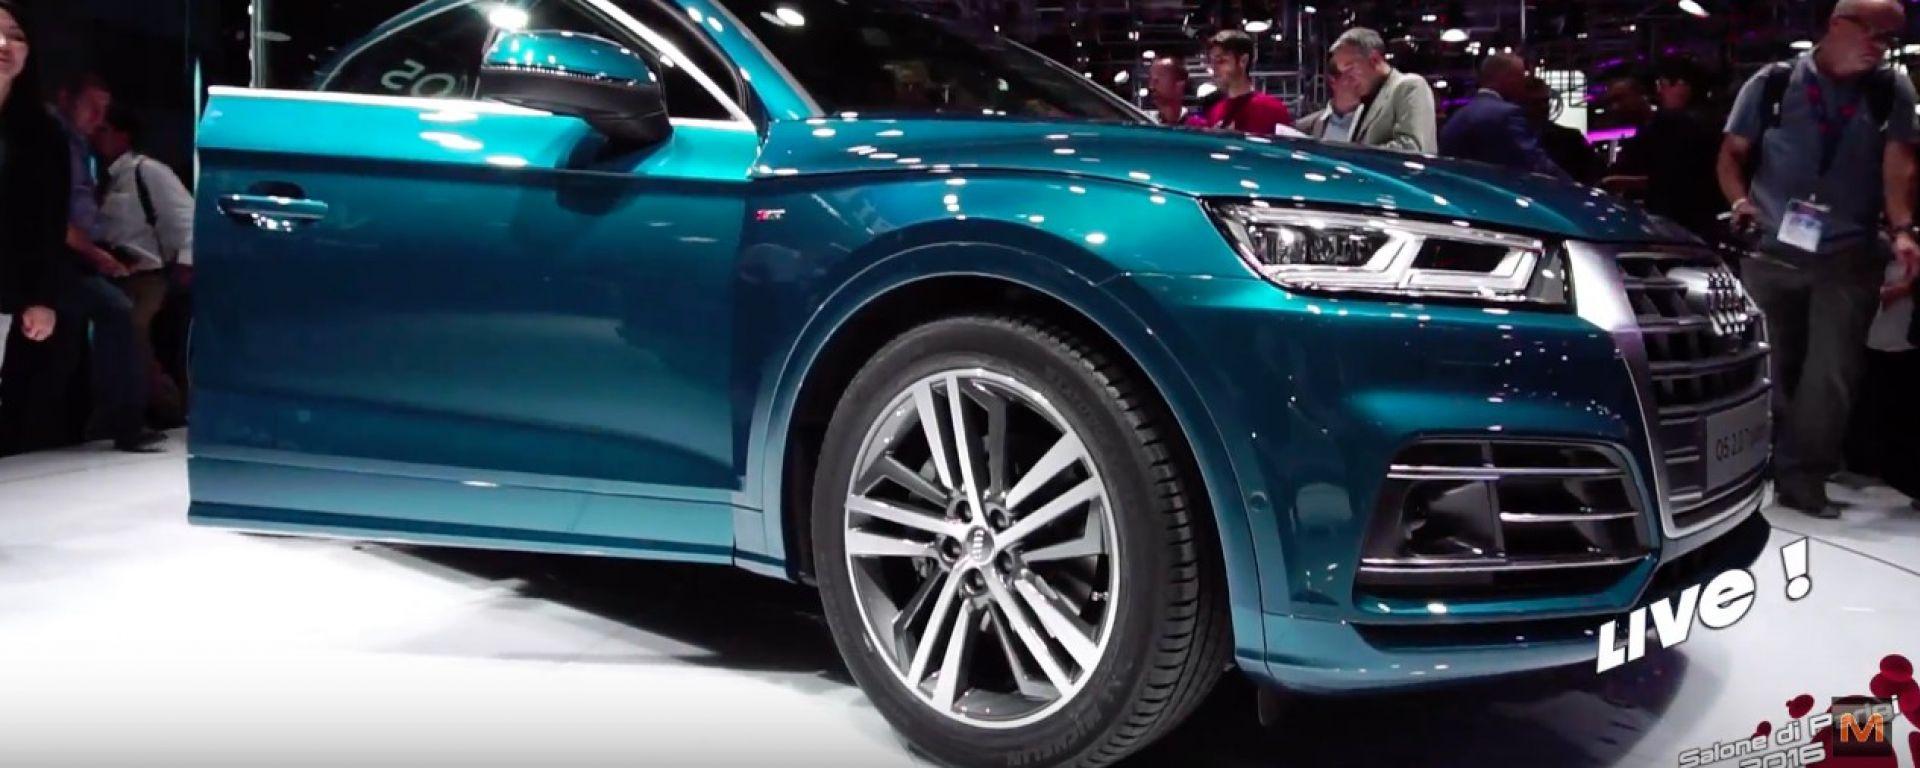 Nuova Audi Q5 live dal Salone di Parigi 2016